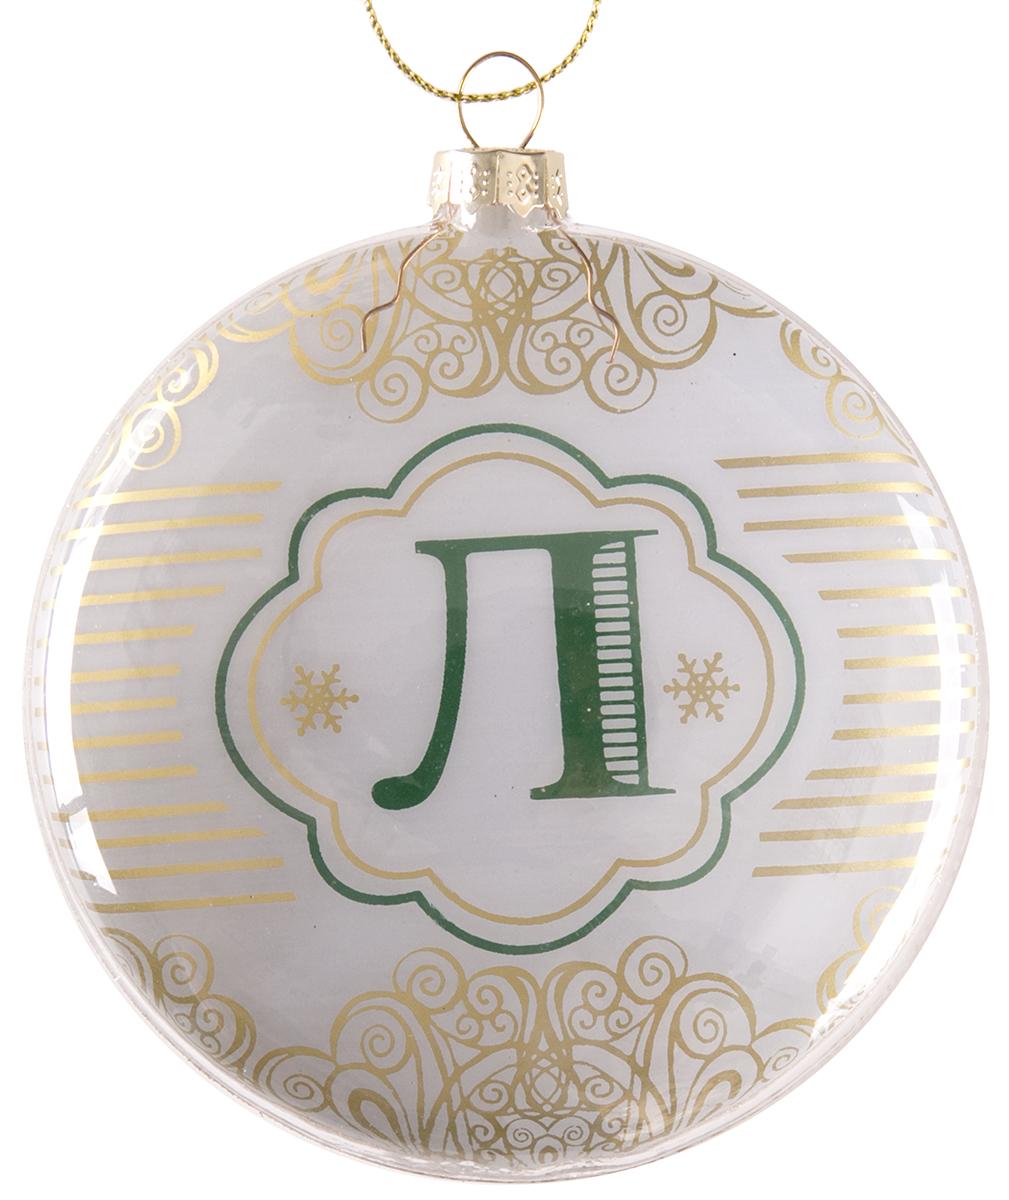 Украшение новогоднее подвесное Magic Time Буква Л, стеклянное. 7583175831Новогоднее подвесное украшение из стекла БУКВА Л, 10 см, артикул 75831